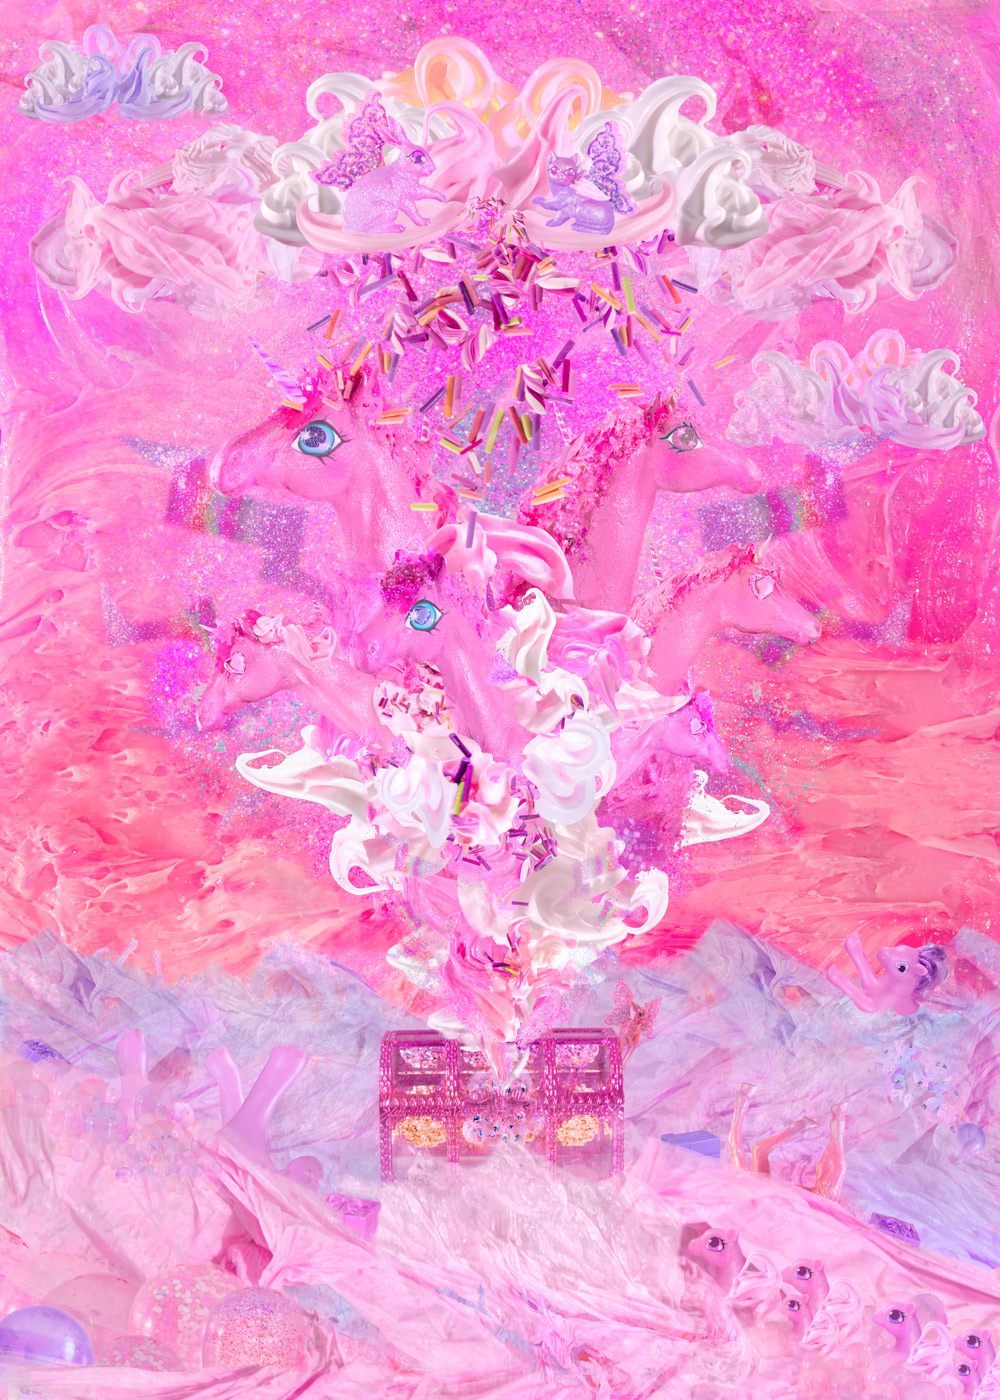 Pink Plastic Apocalypse